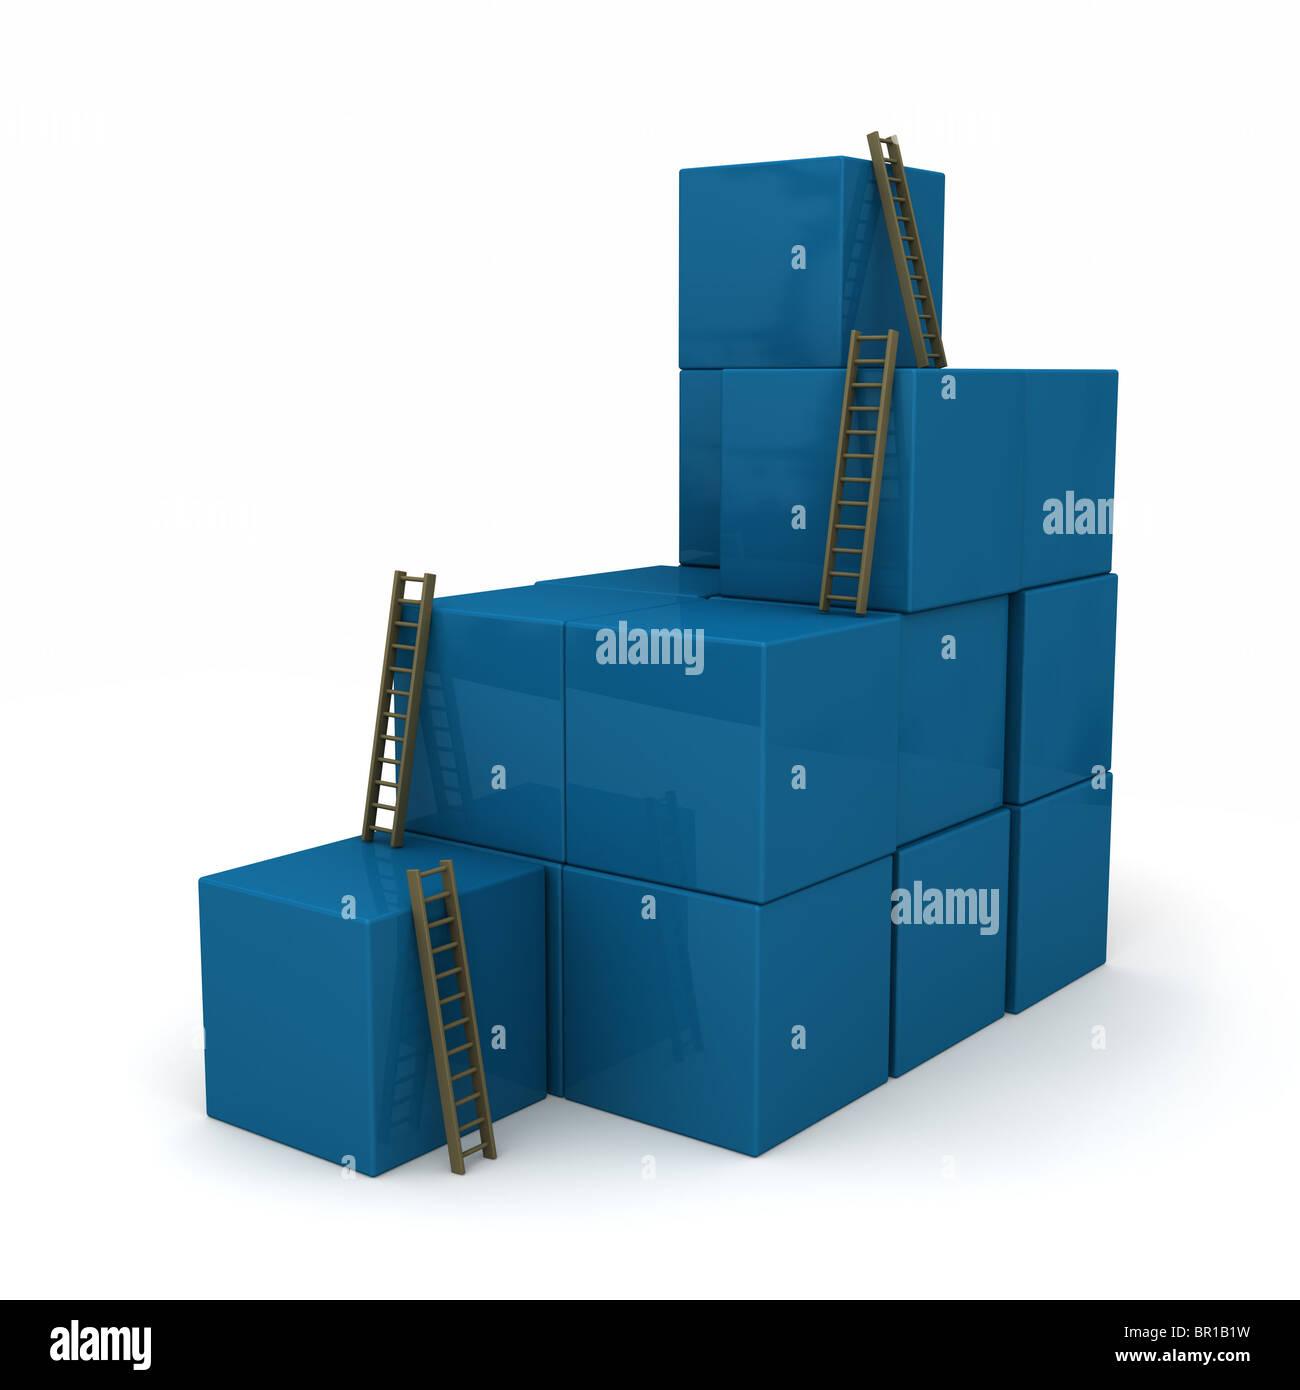 Blocs empilés au hasard bleu avec des échelles pour le haut. Isolated on white Photo Stock